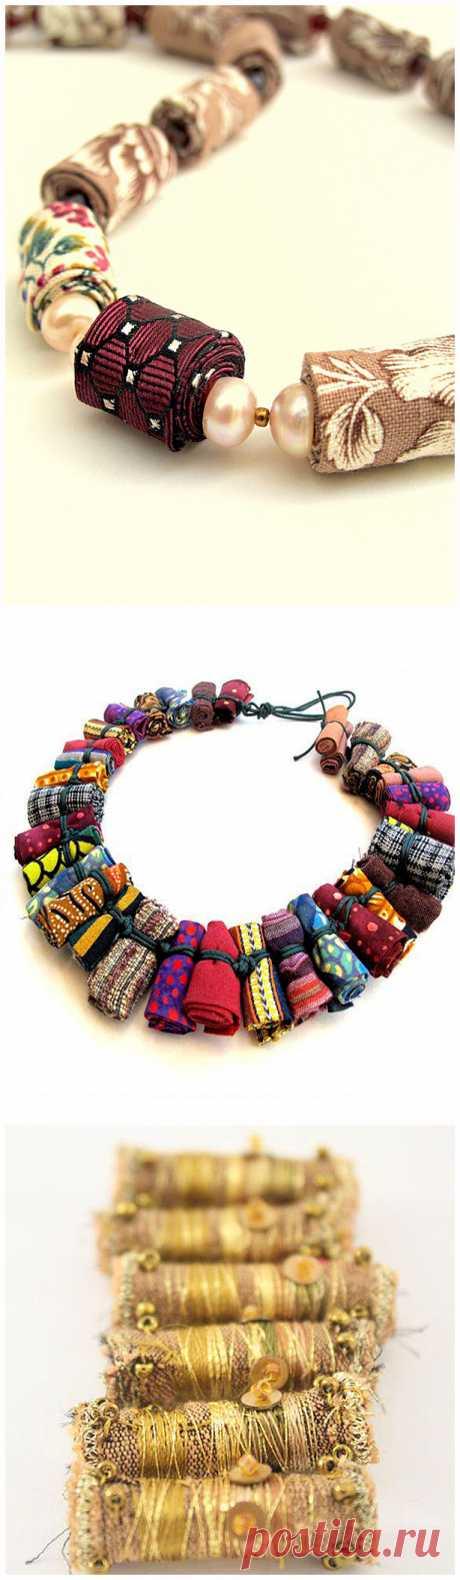 Украшения из швейной фурнитуры: бесконечное многообразие интересных идей | Журнал Ярмарки Мастеров